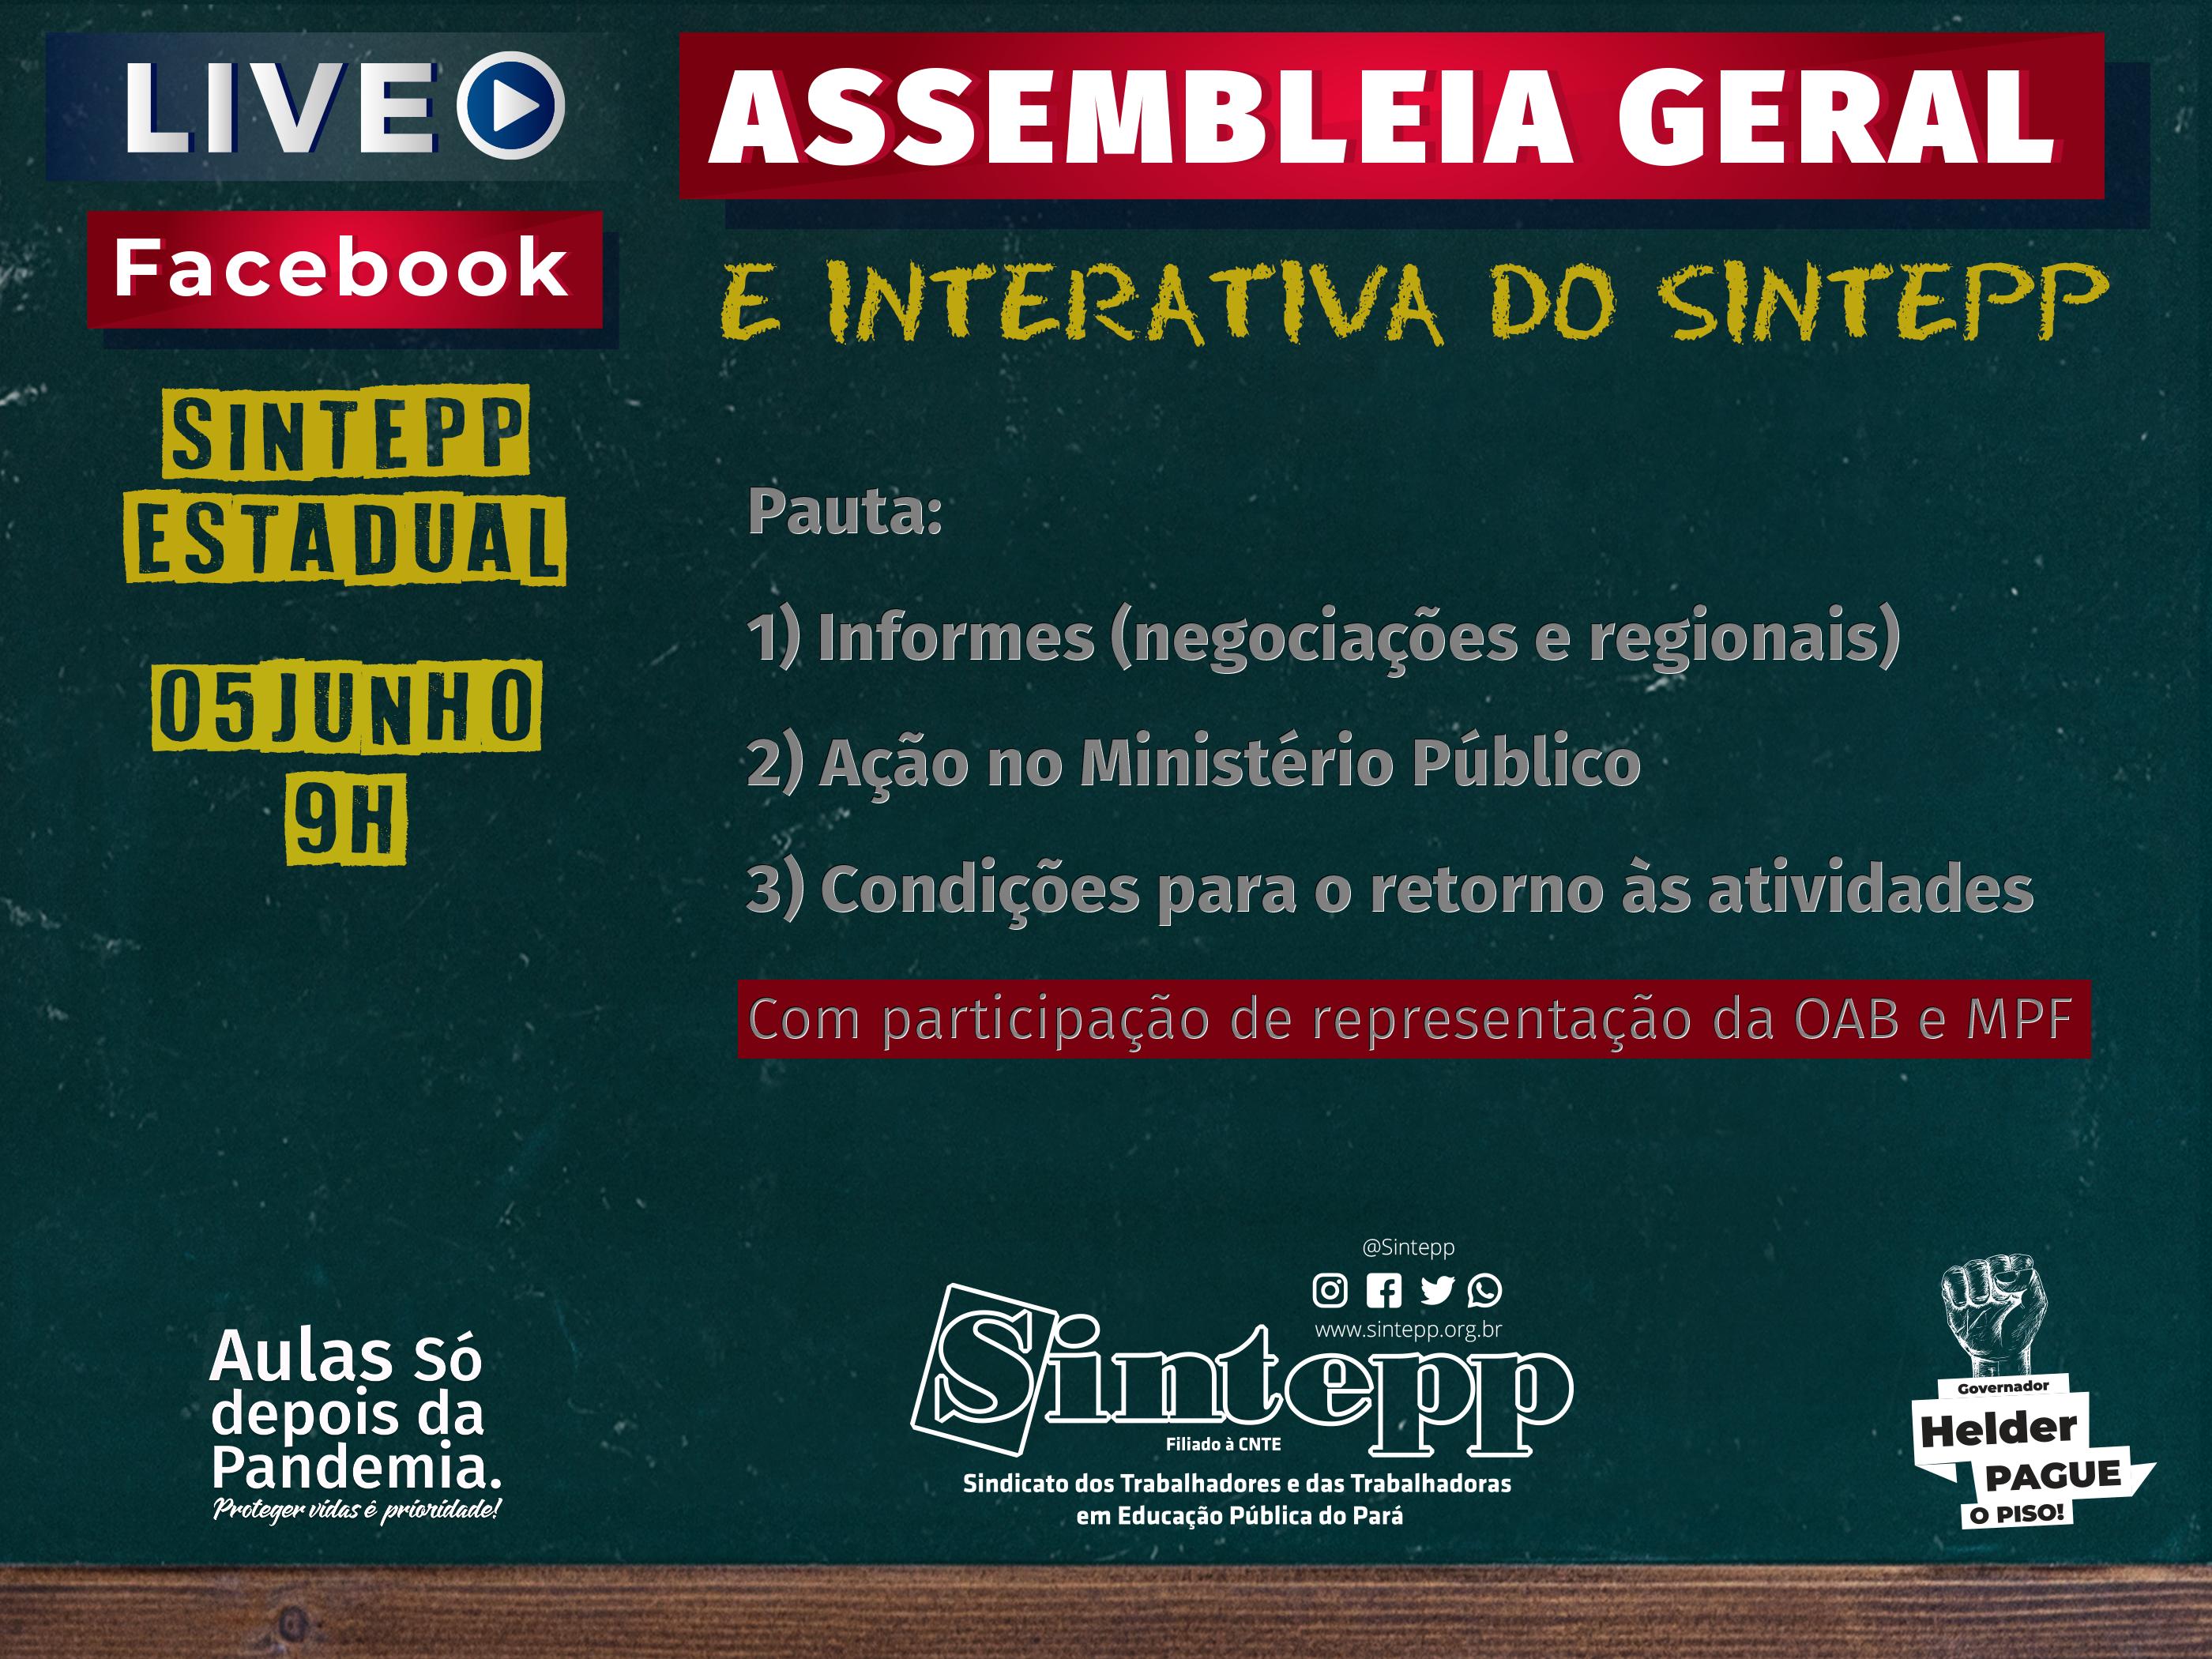 05|06|2020: Assembleia Geral e interativa do Sintepp, 9h